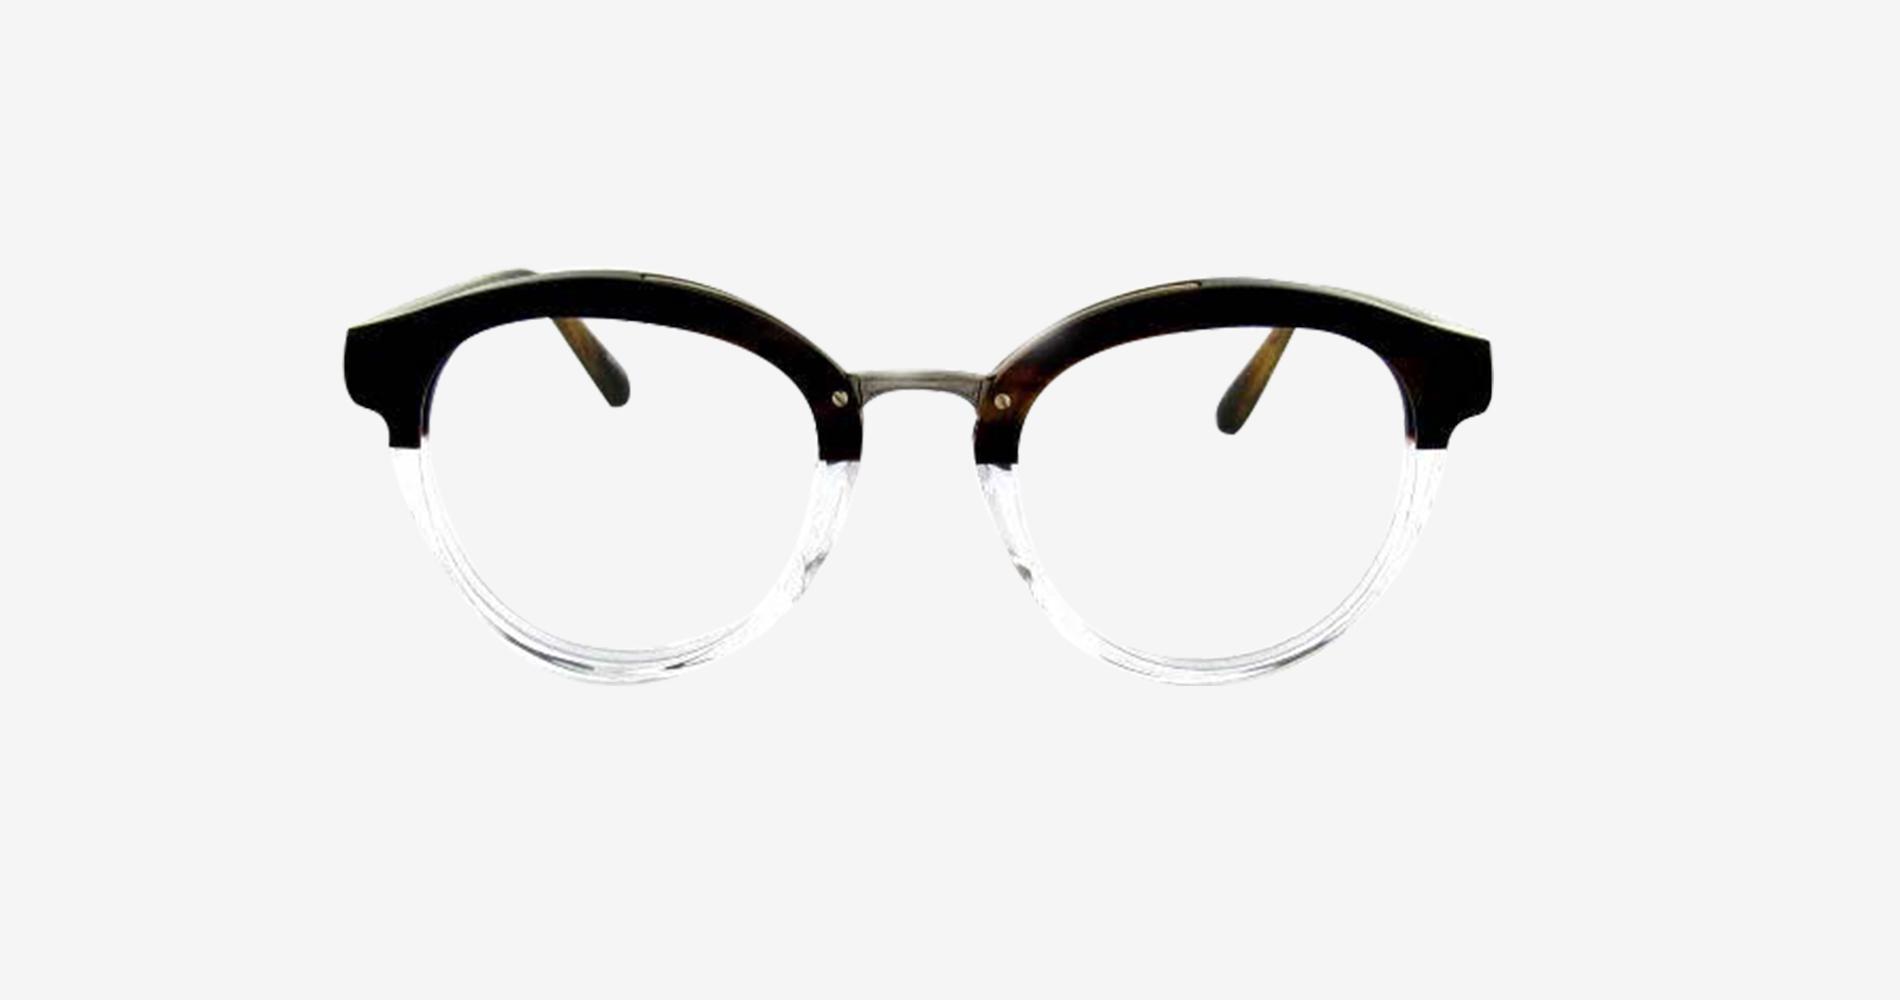 Des lunettes toutes neuves, fraichement commandées